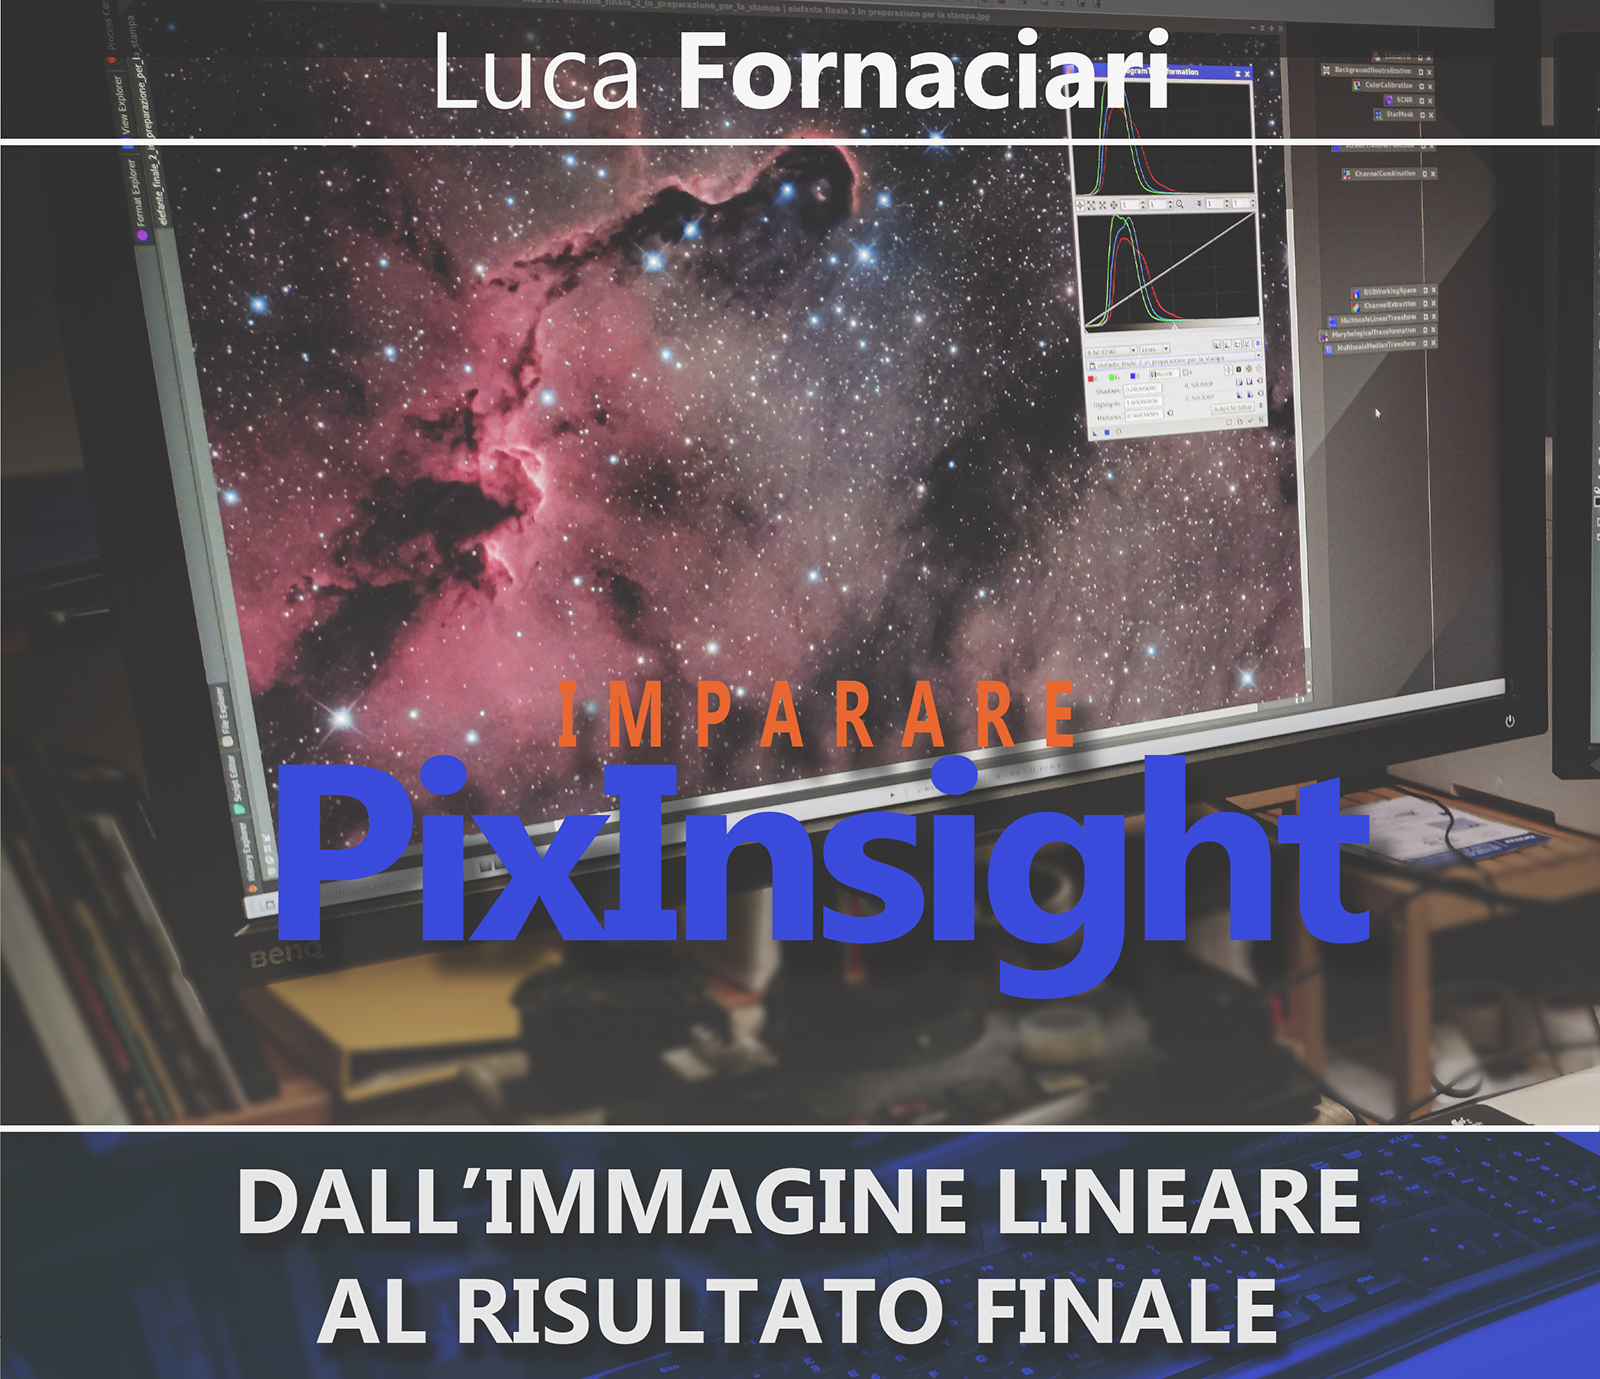 PixInsight in webinar: elaborazione di astrofotografia corso guida lezioni lezione scuola imparare stretch elaborare elaborazione sviluppo streaming